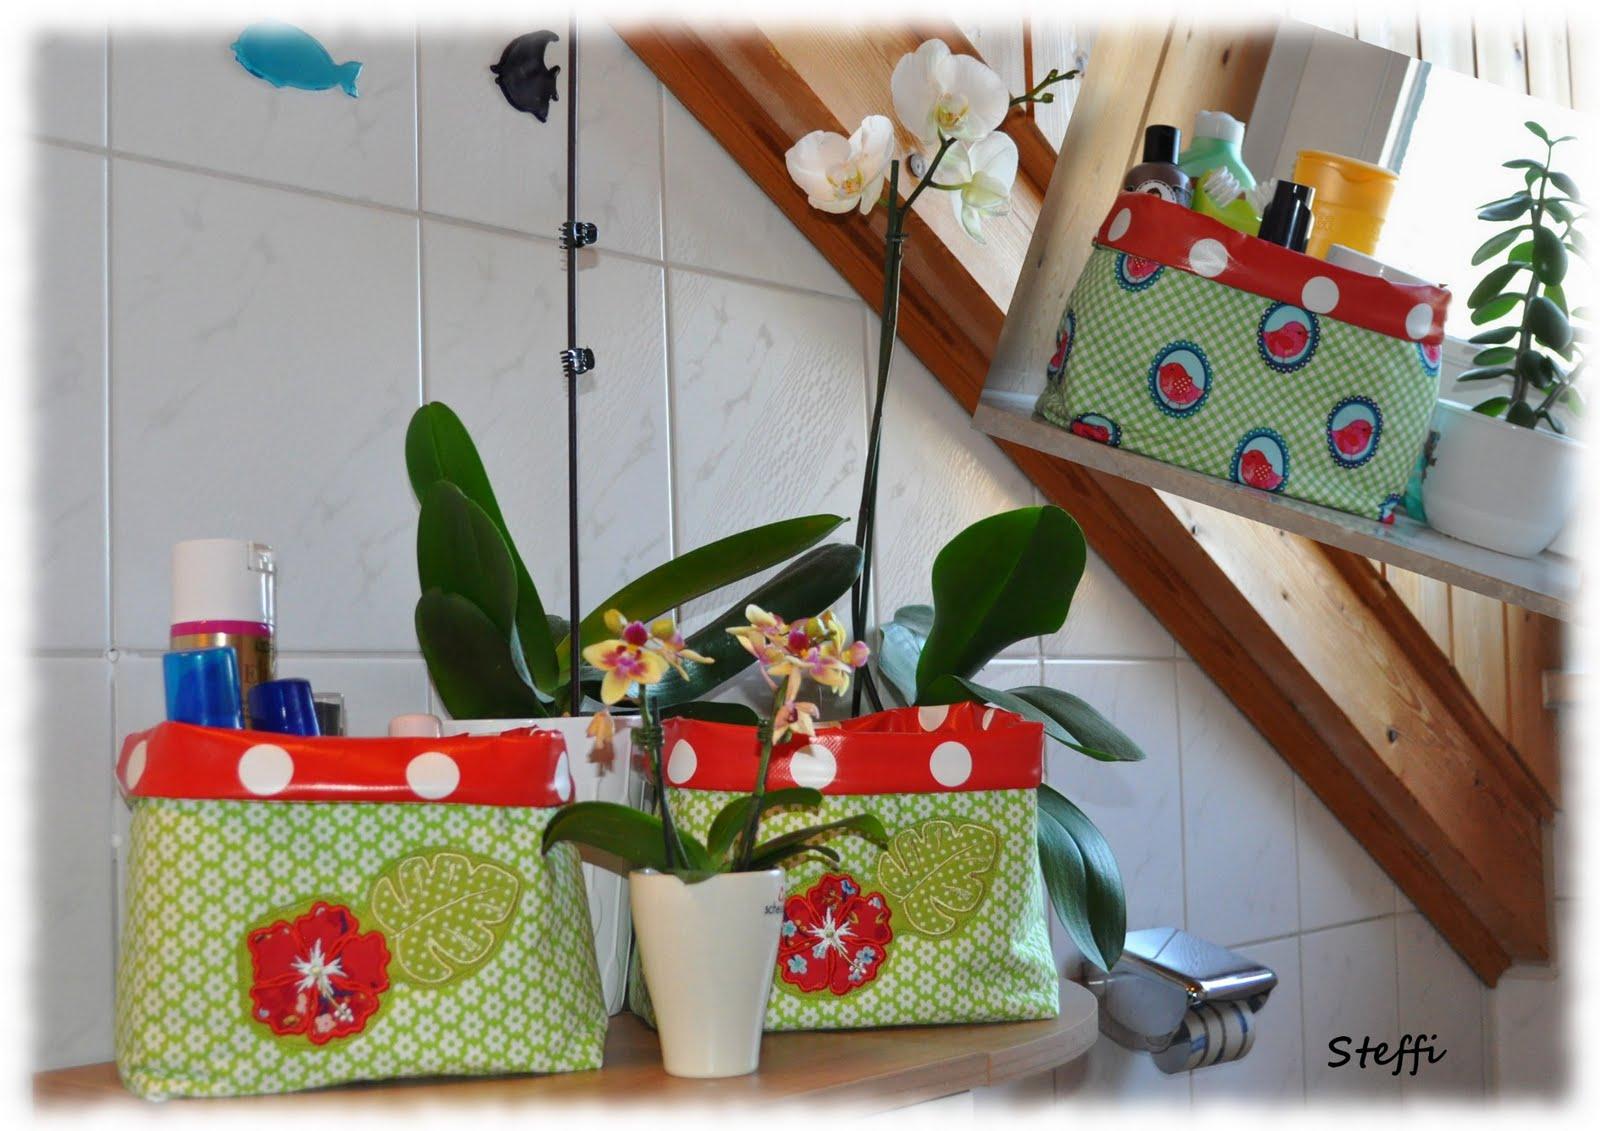 verflixt zugen ht ja is denn scho weihnachten. Black Bedroom Furniture Sets. Home Design Ideas